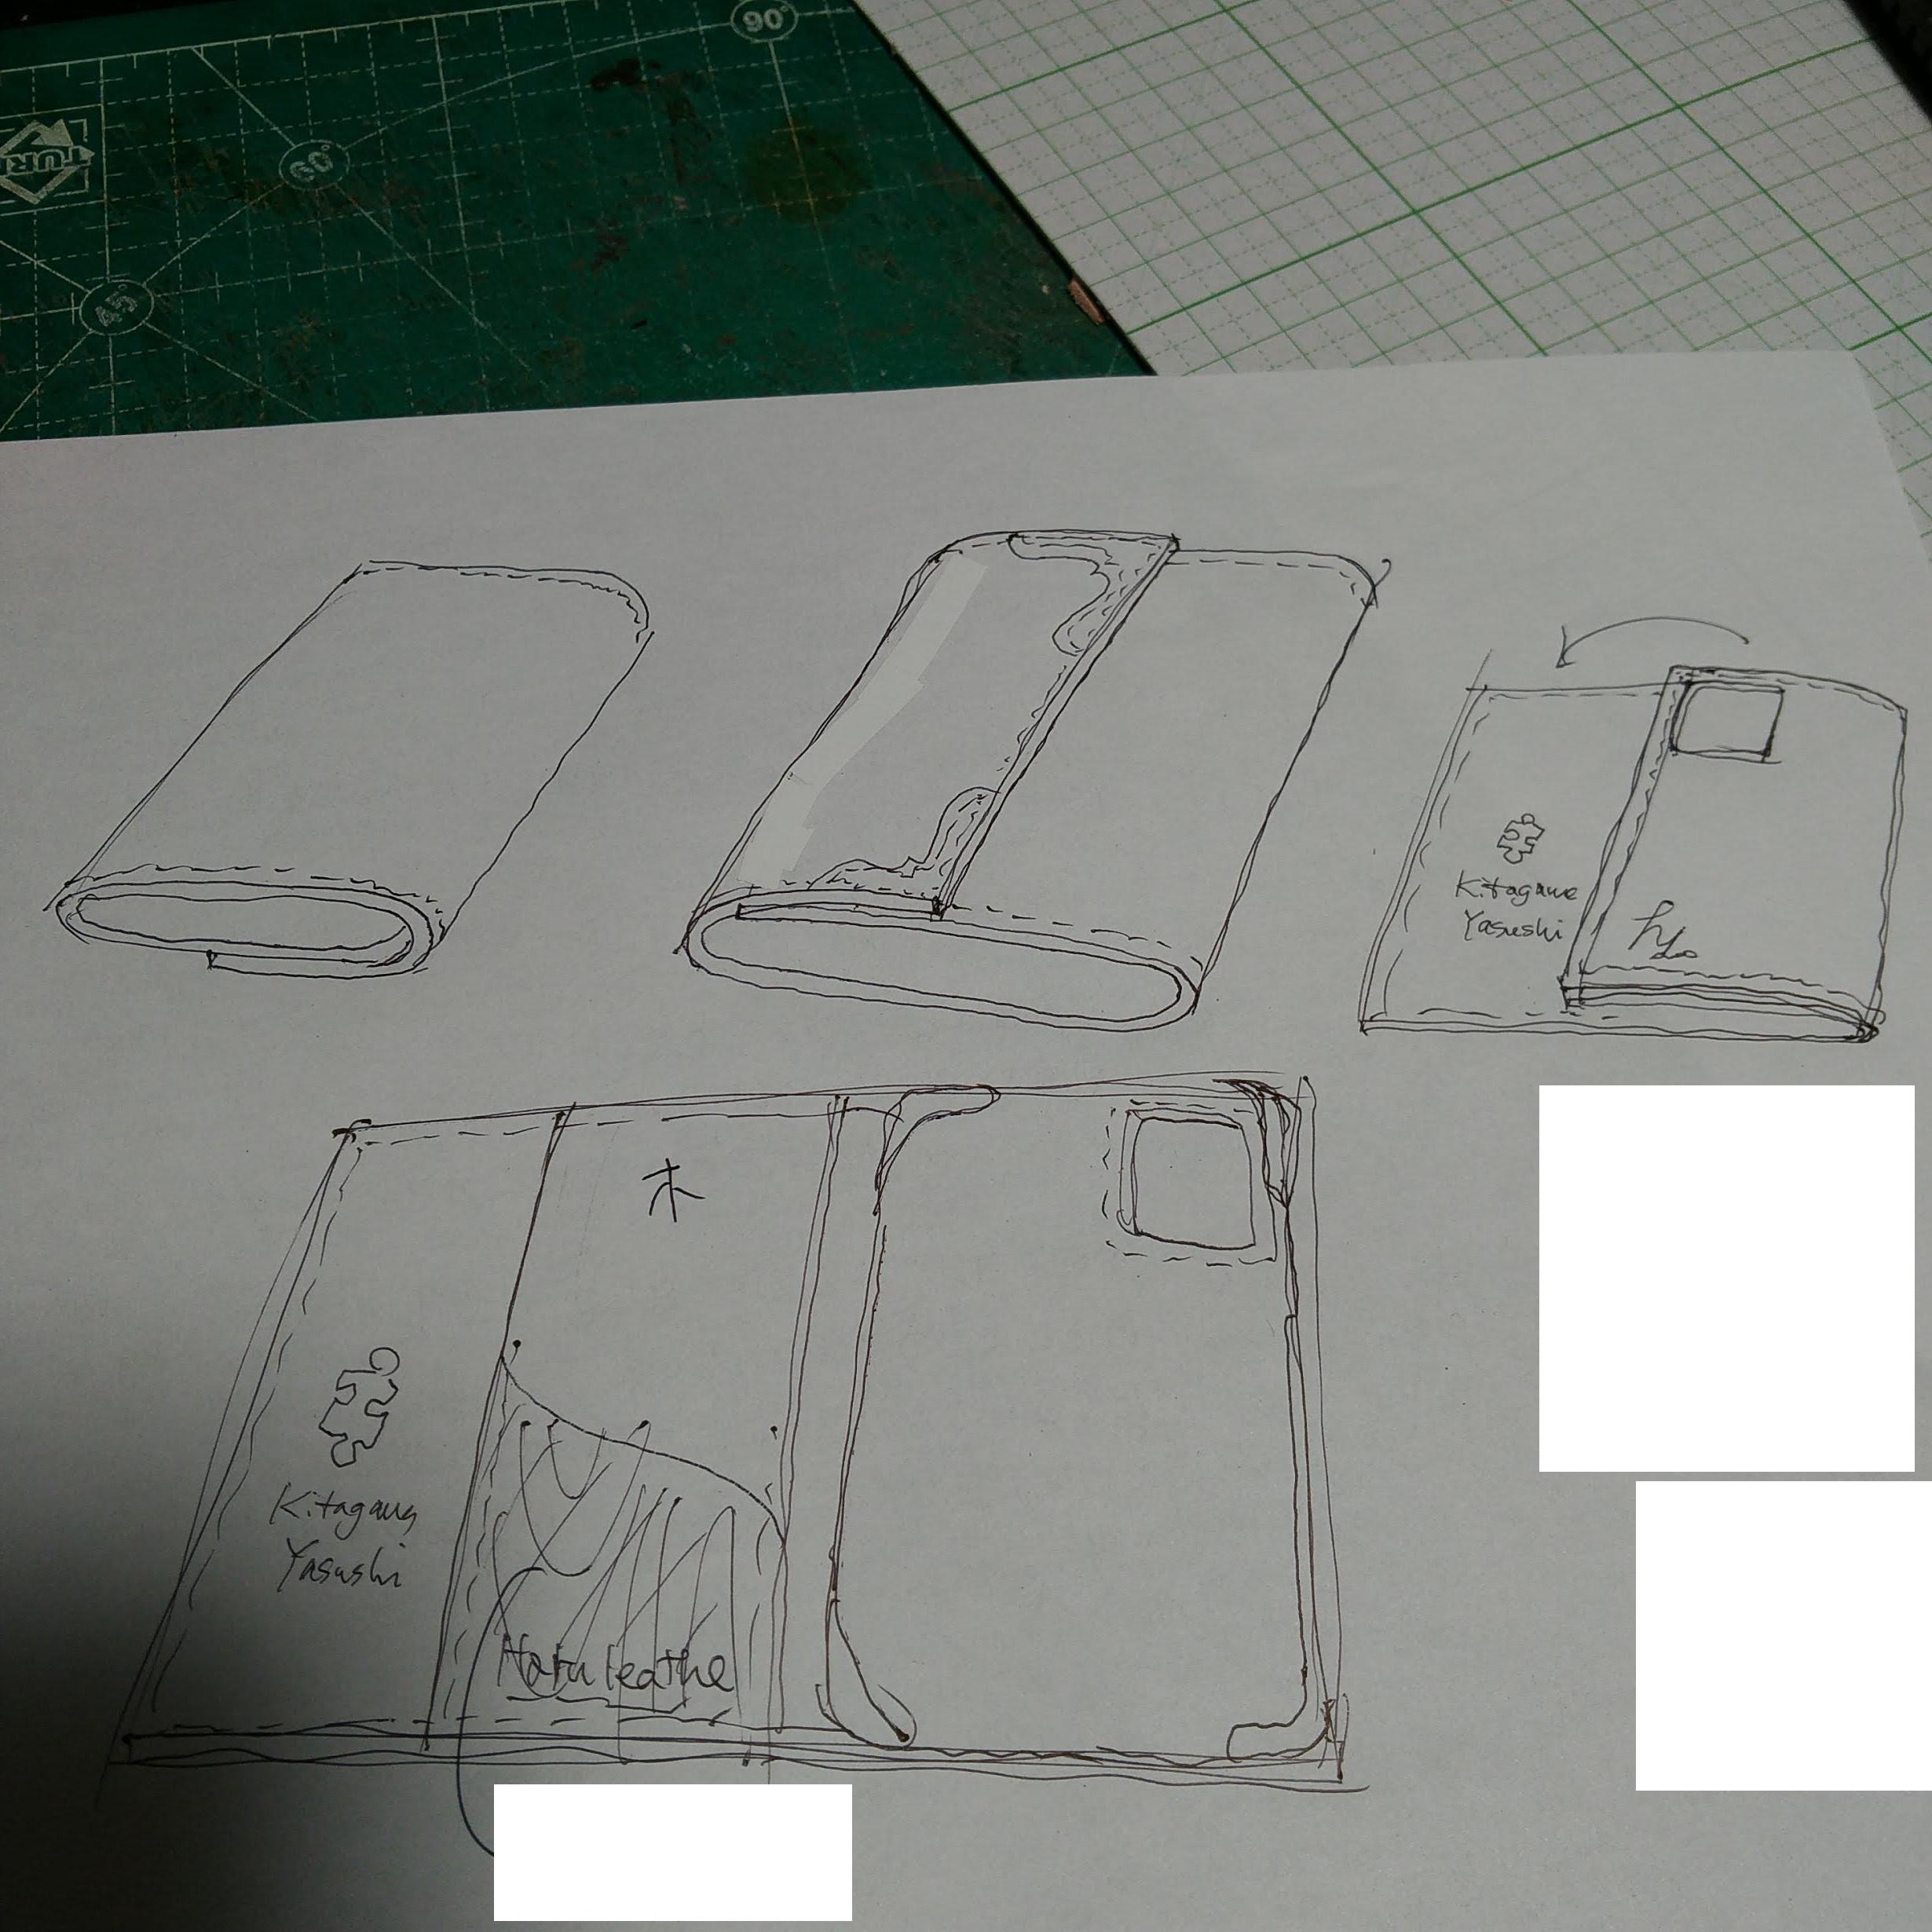 喜多川スペシャルスマホケース2 製作工程1